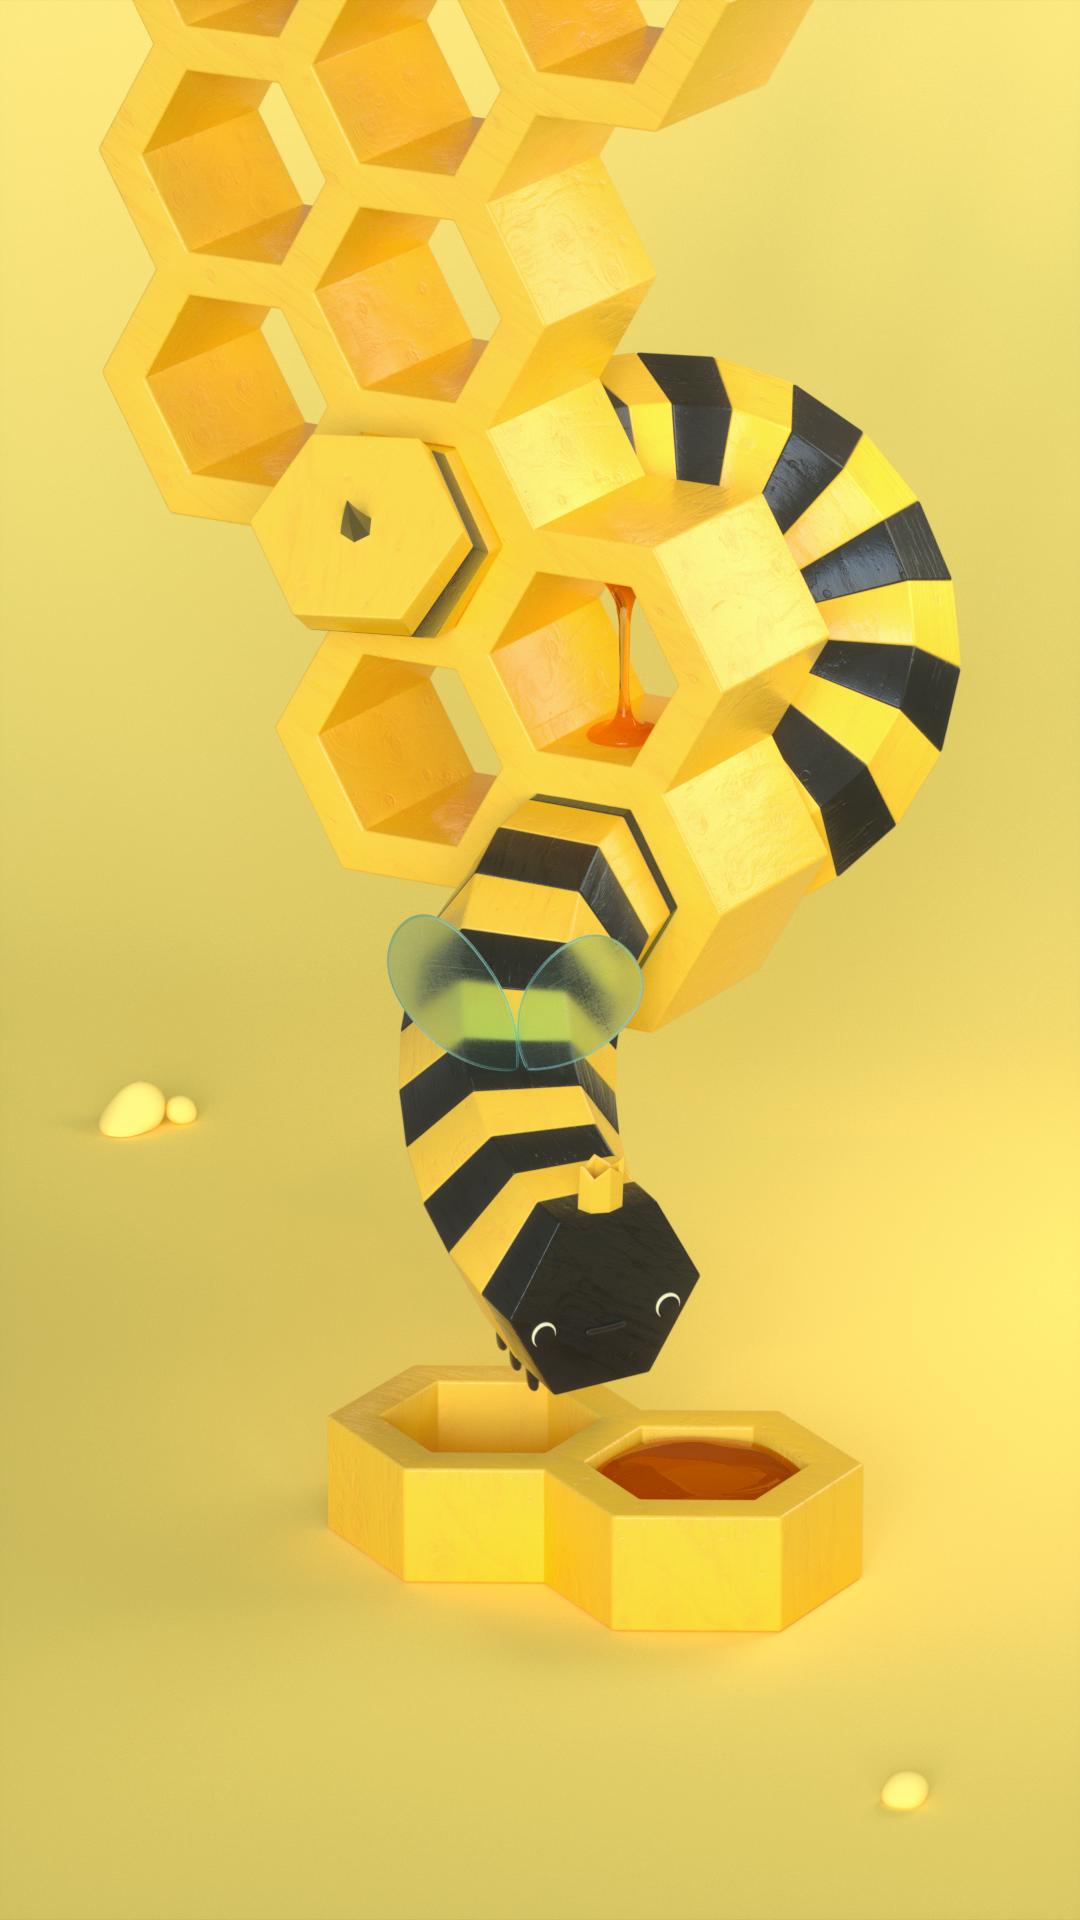 Bees animated short by Ricard Badia Animade   STASH MAGAZINE